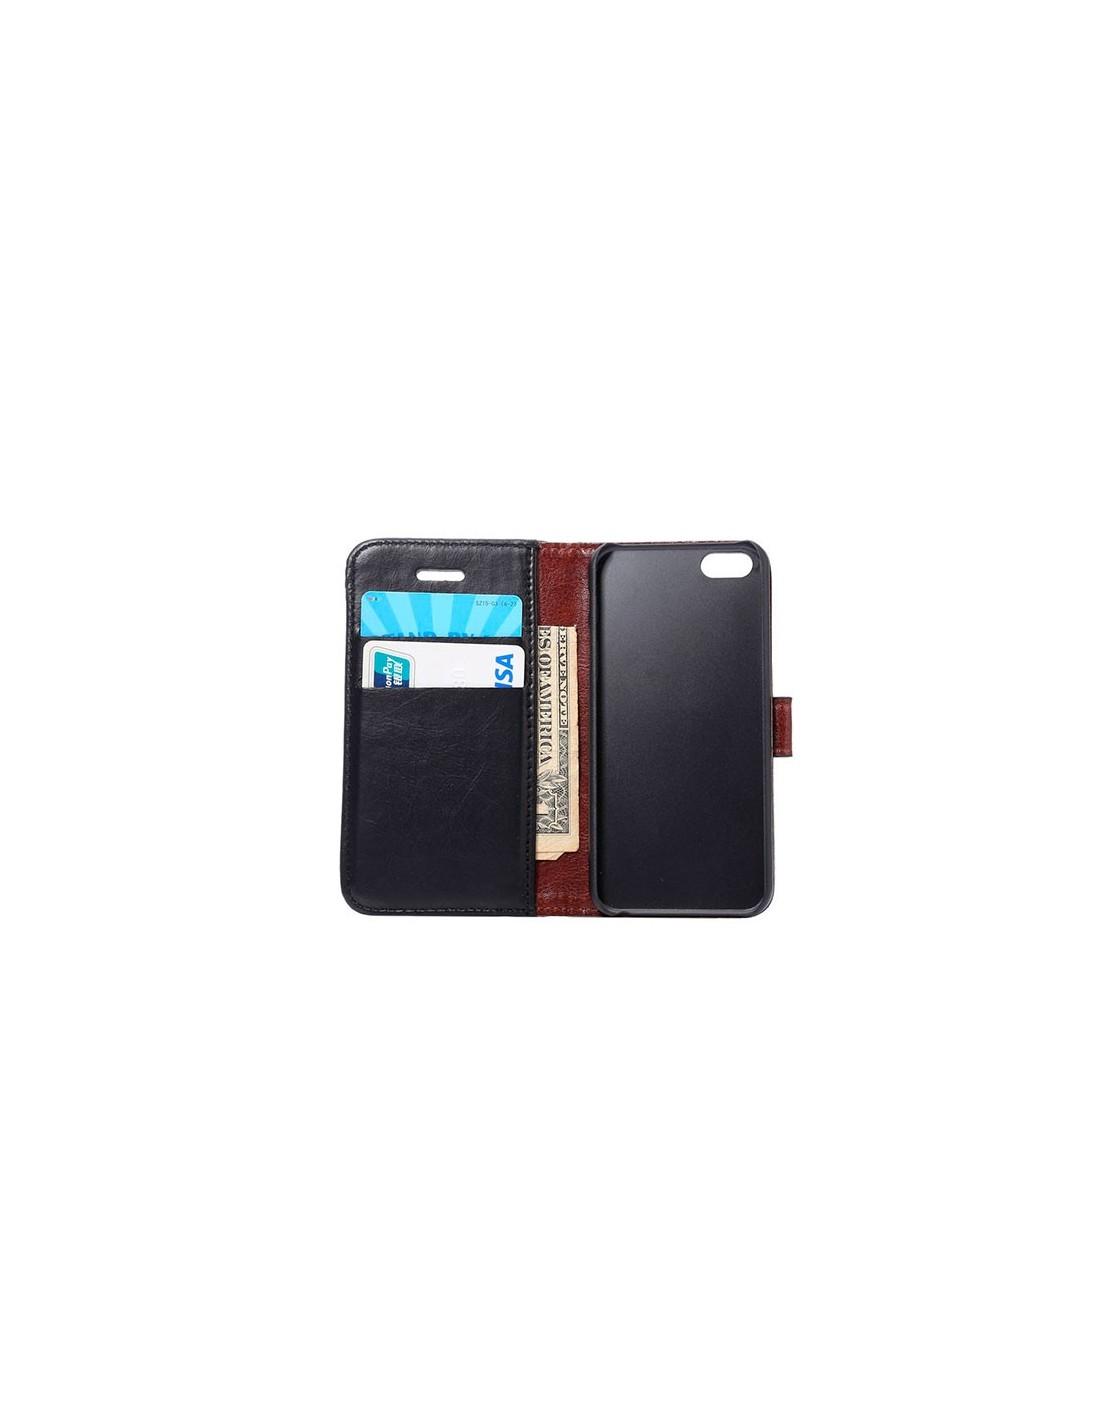 etui portefeuille simili cuir luxe pour iphone 5 5s et se. Black Bedroom Furniture Sets. Home Design Ideas